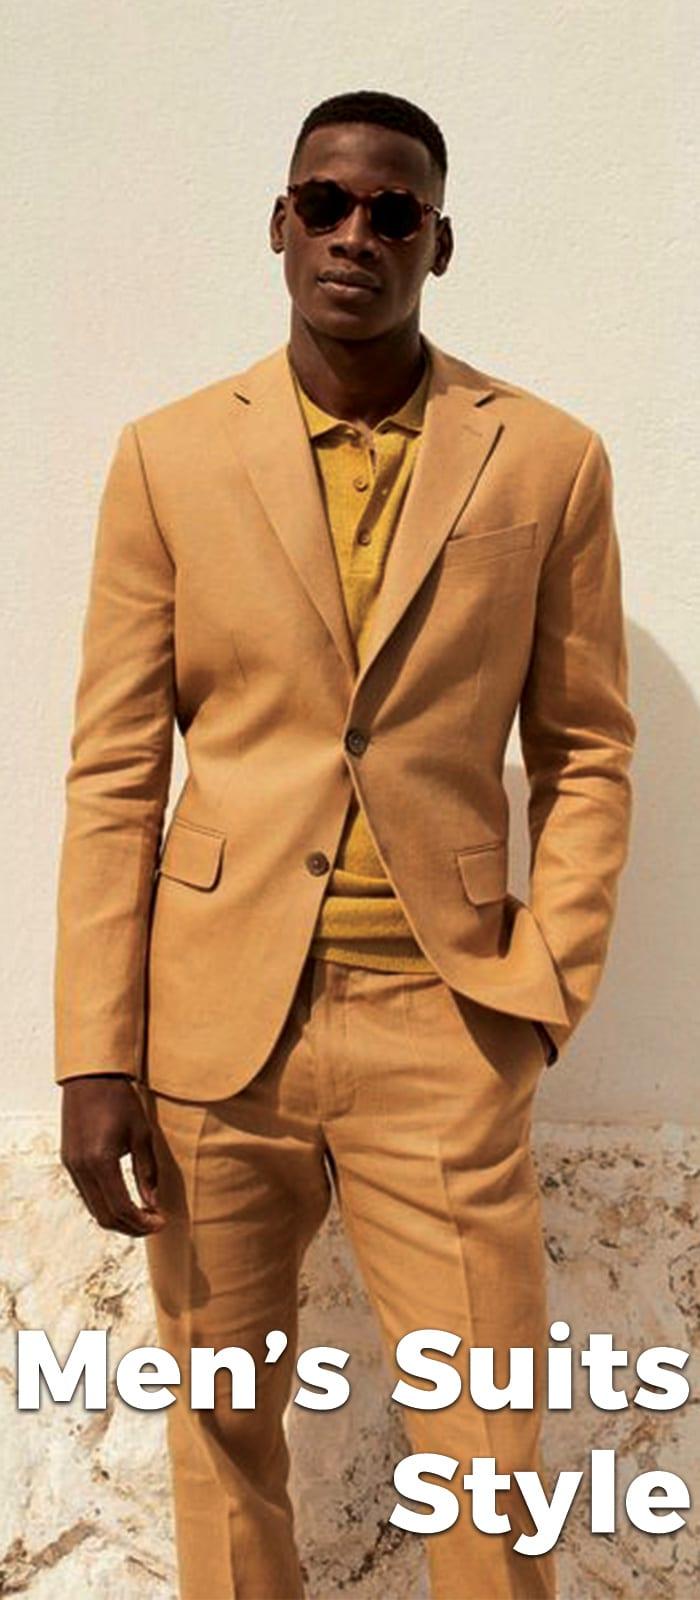 Best Of Men's Suits